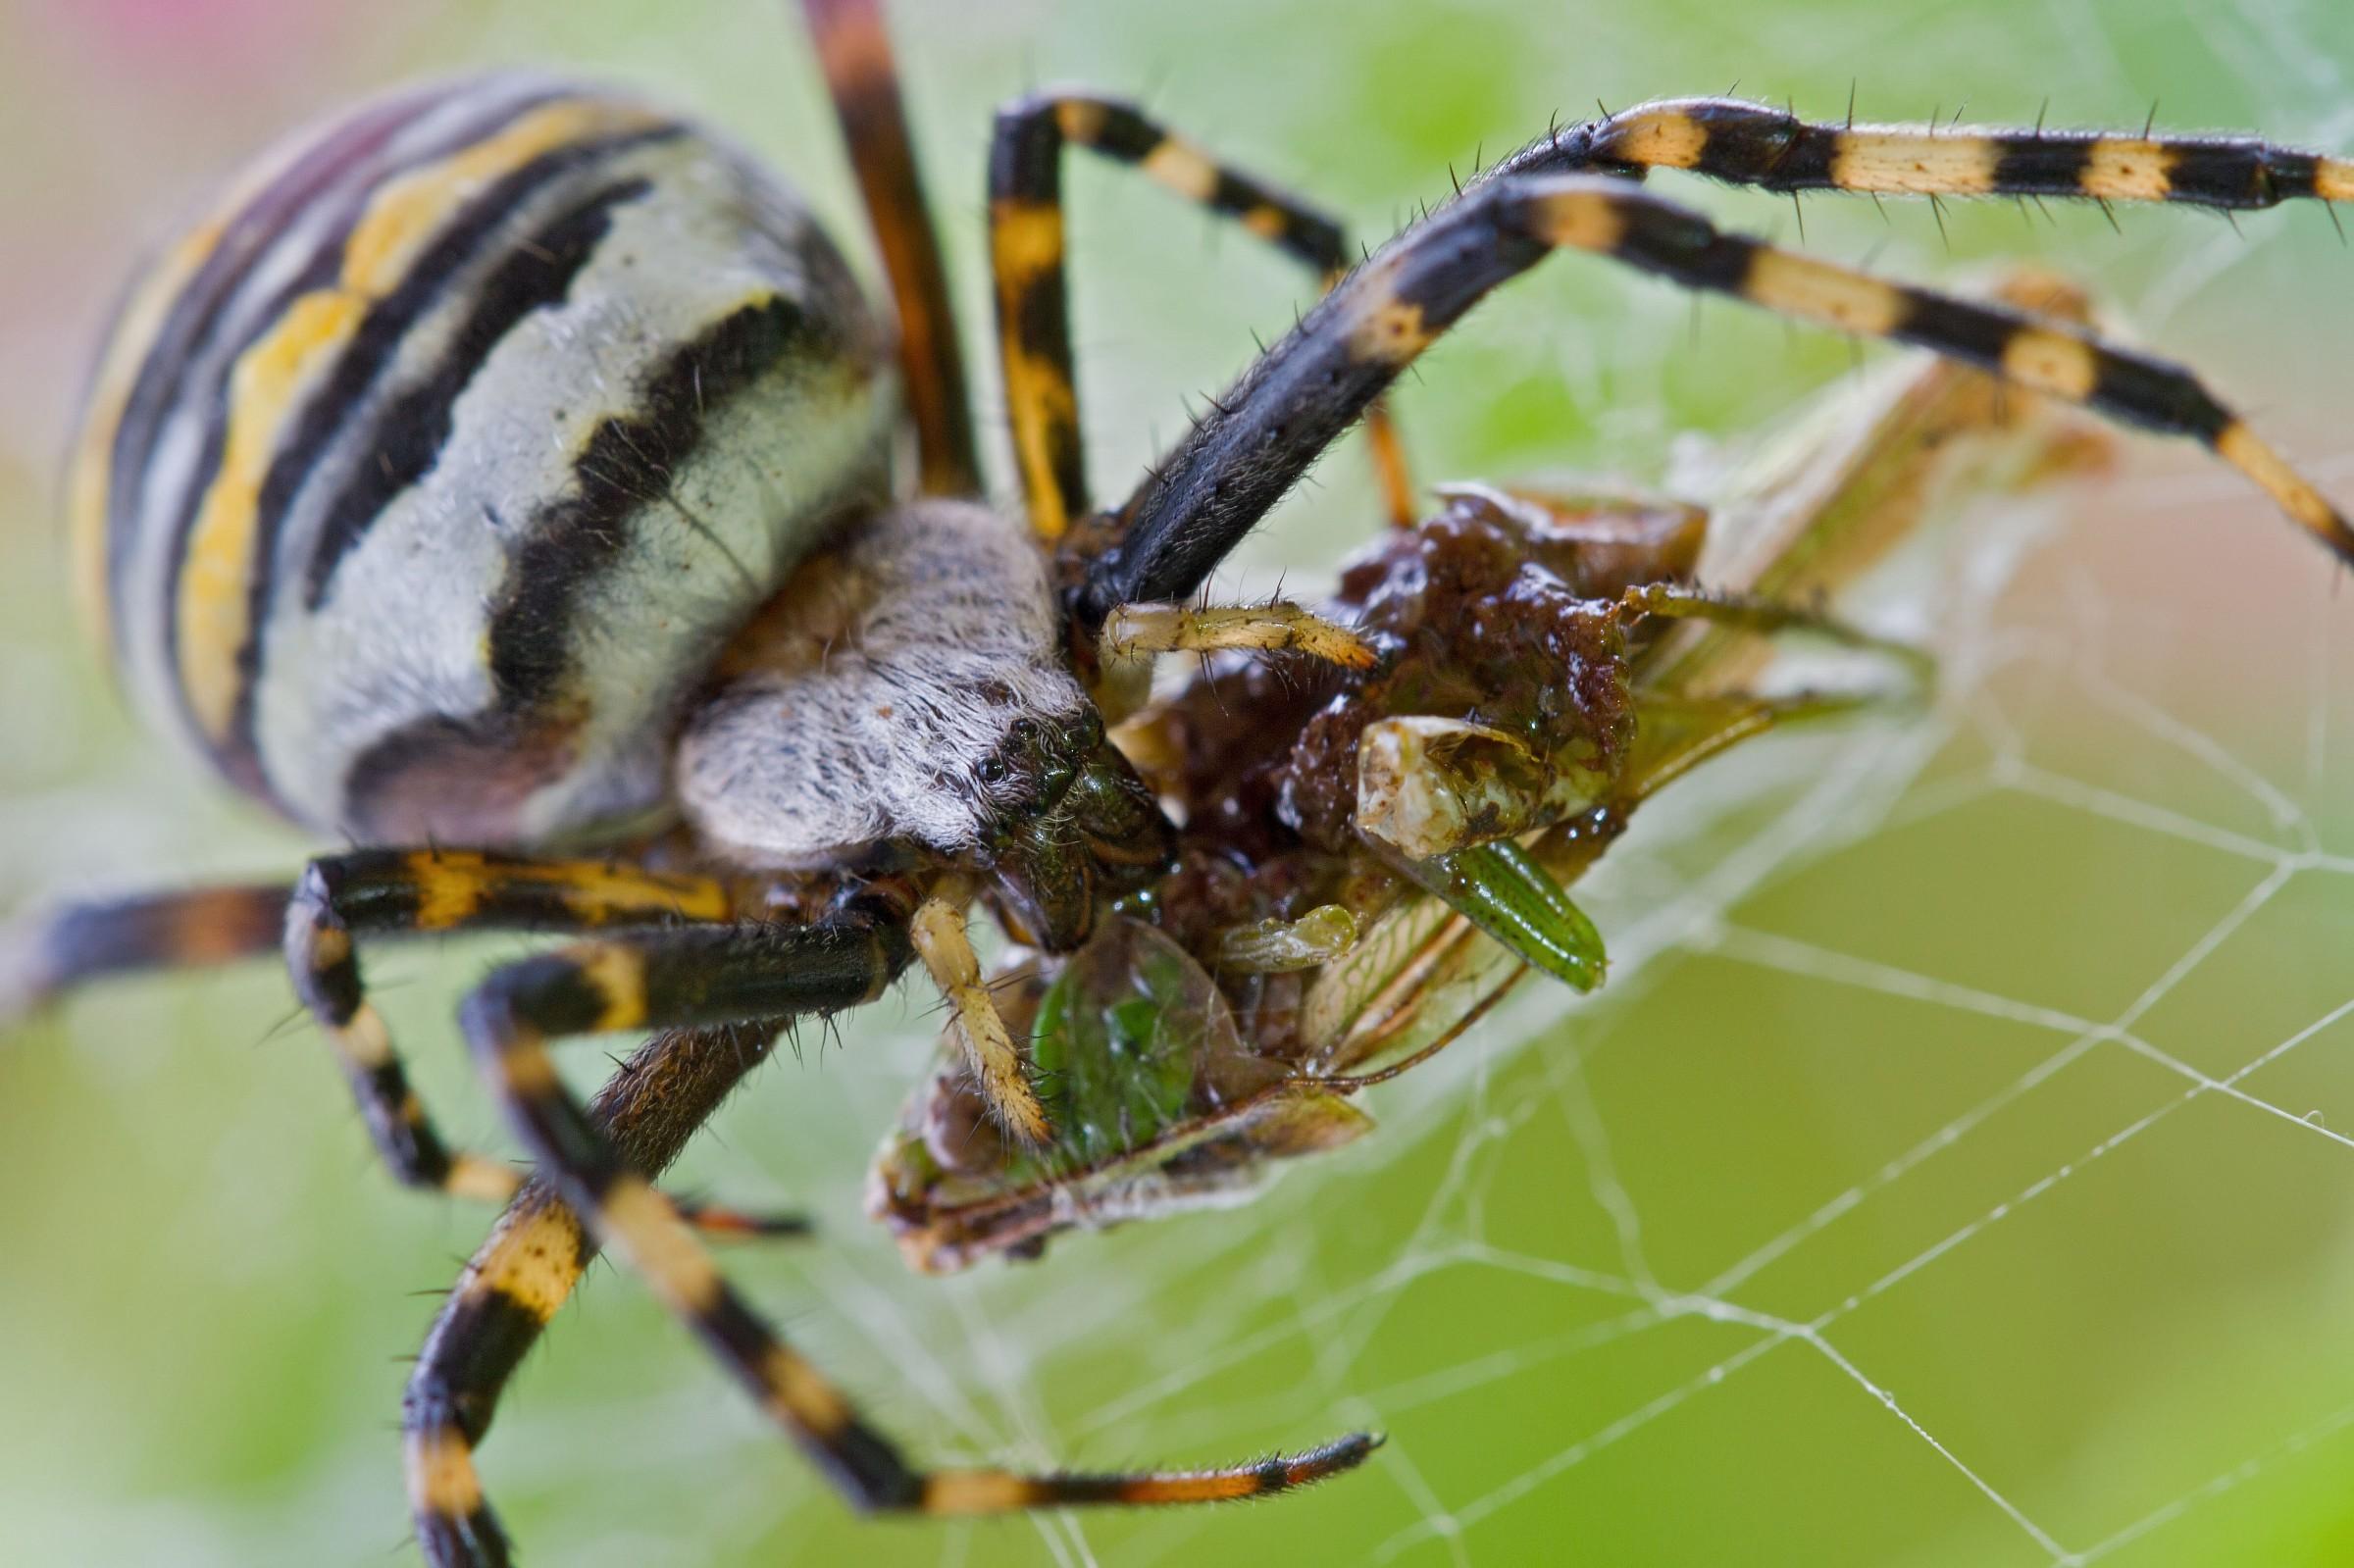 есть автобусная паук с брюшком как у осы фото белоснежный тандеме розовым